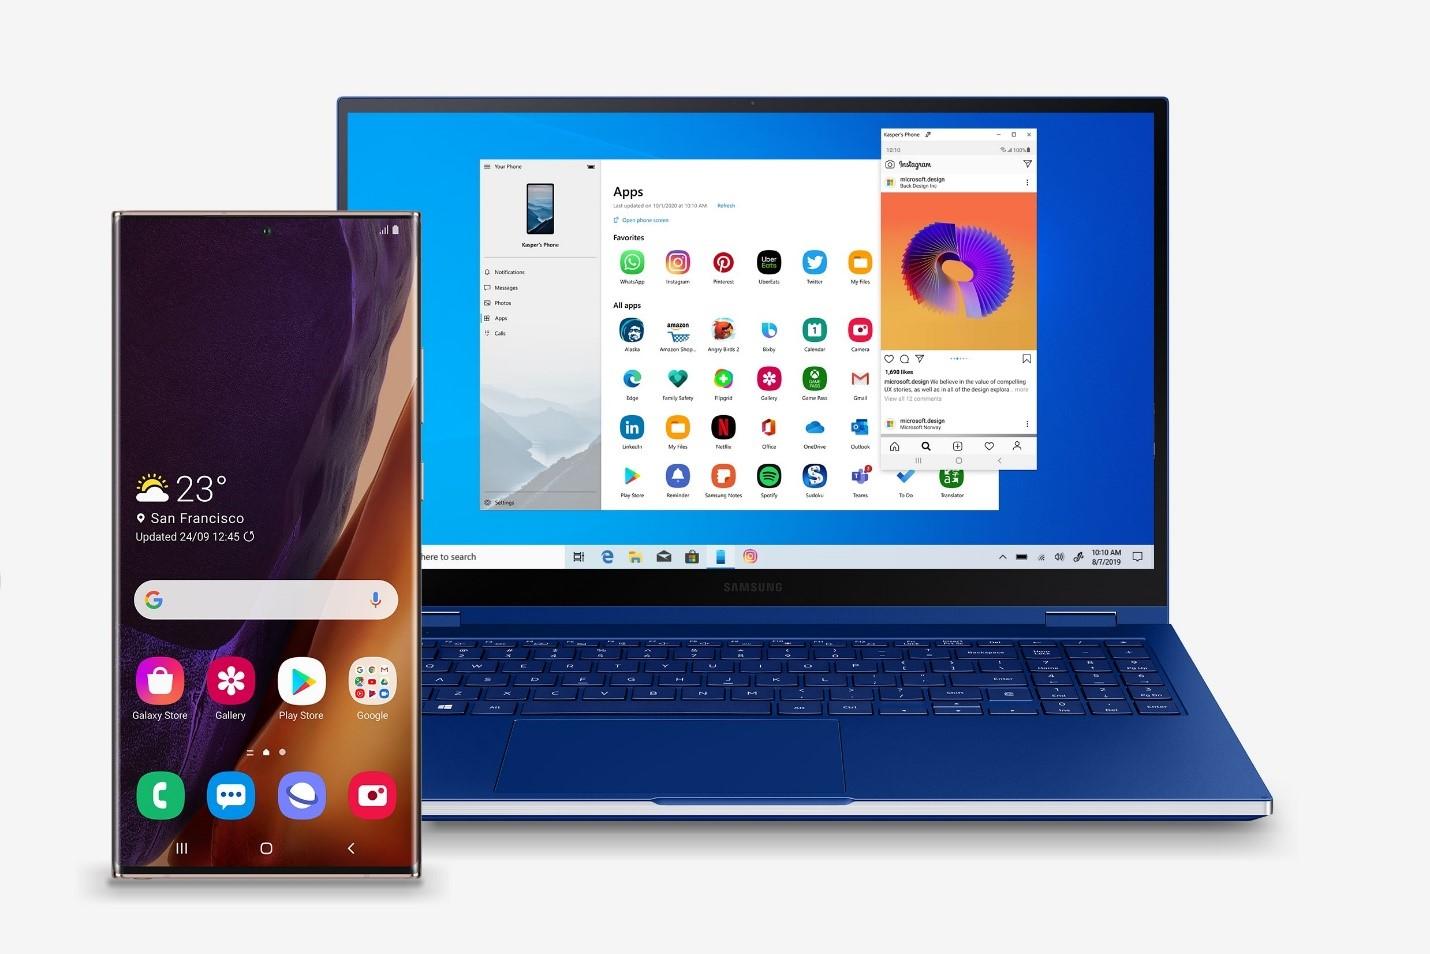 Collaborazione Microsoft e Samsung con Galaxy Note 20